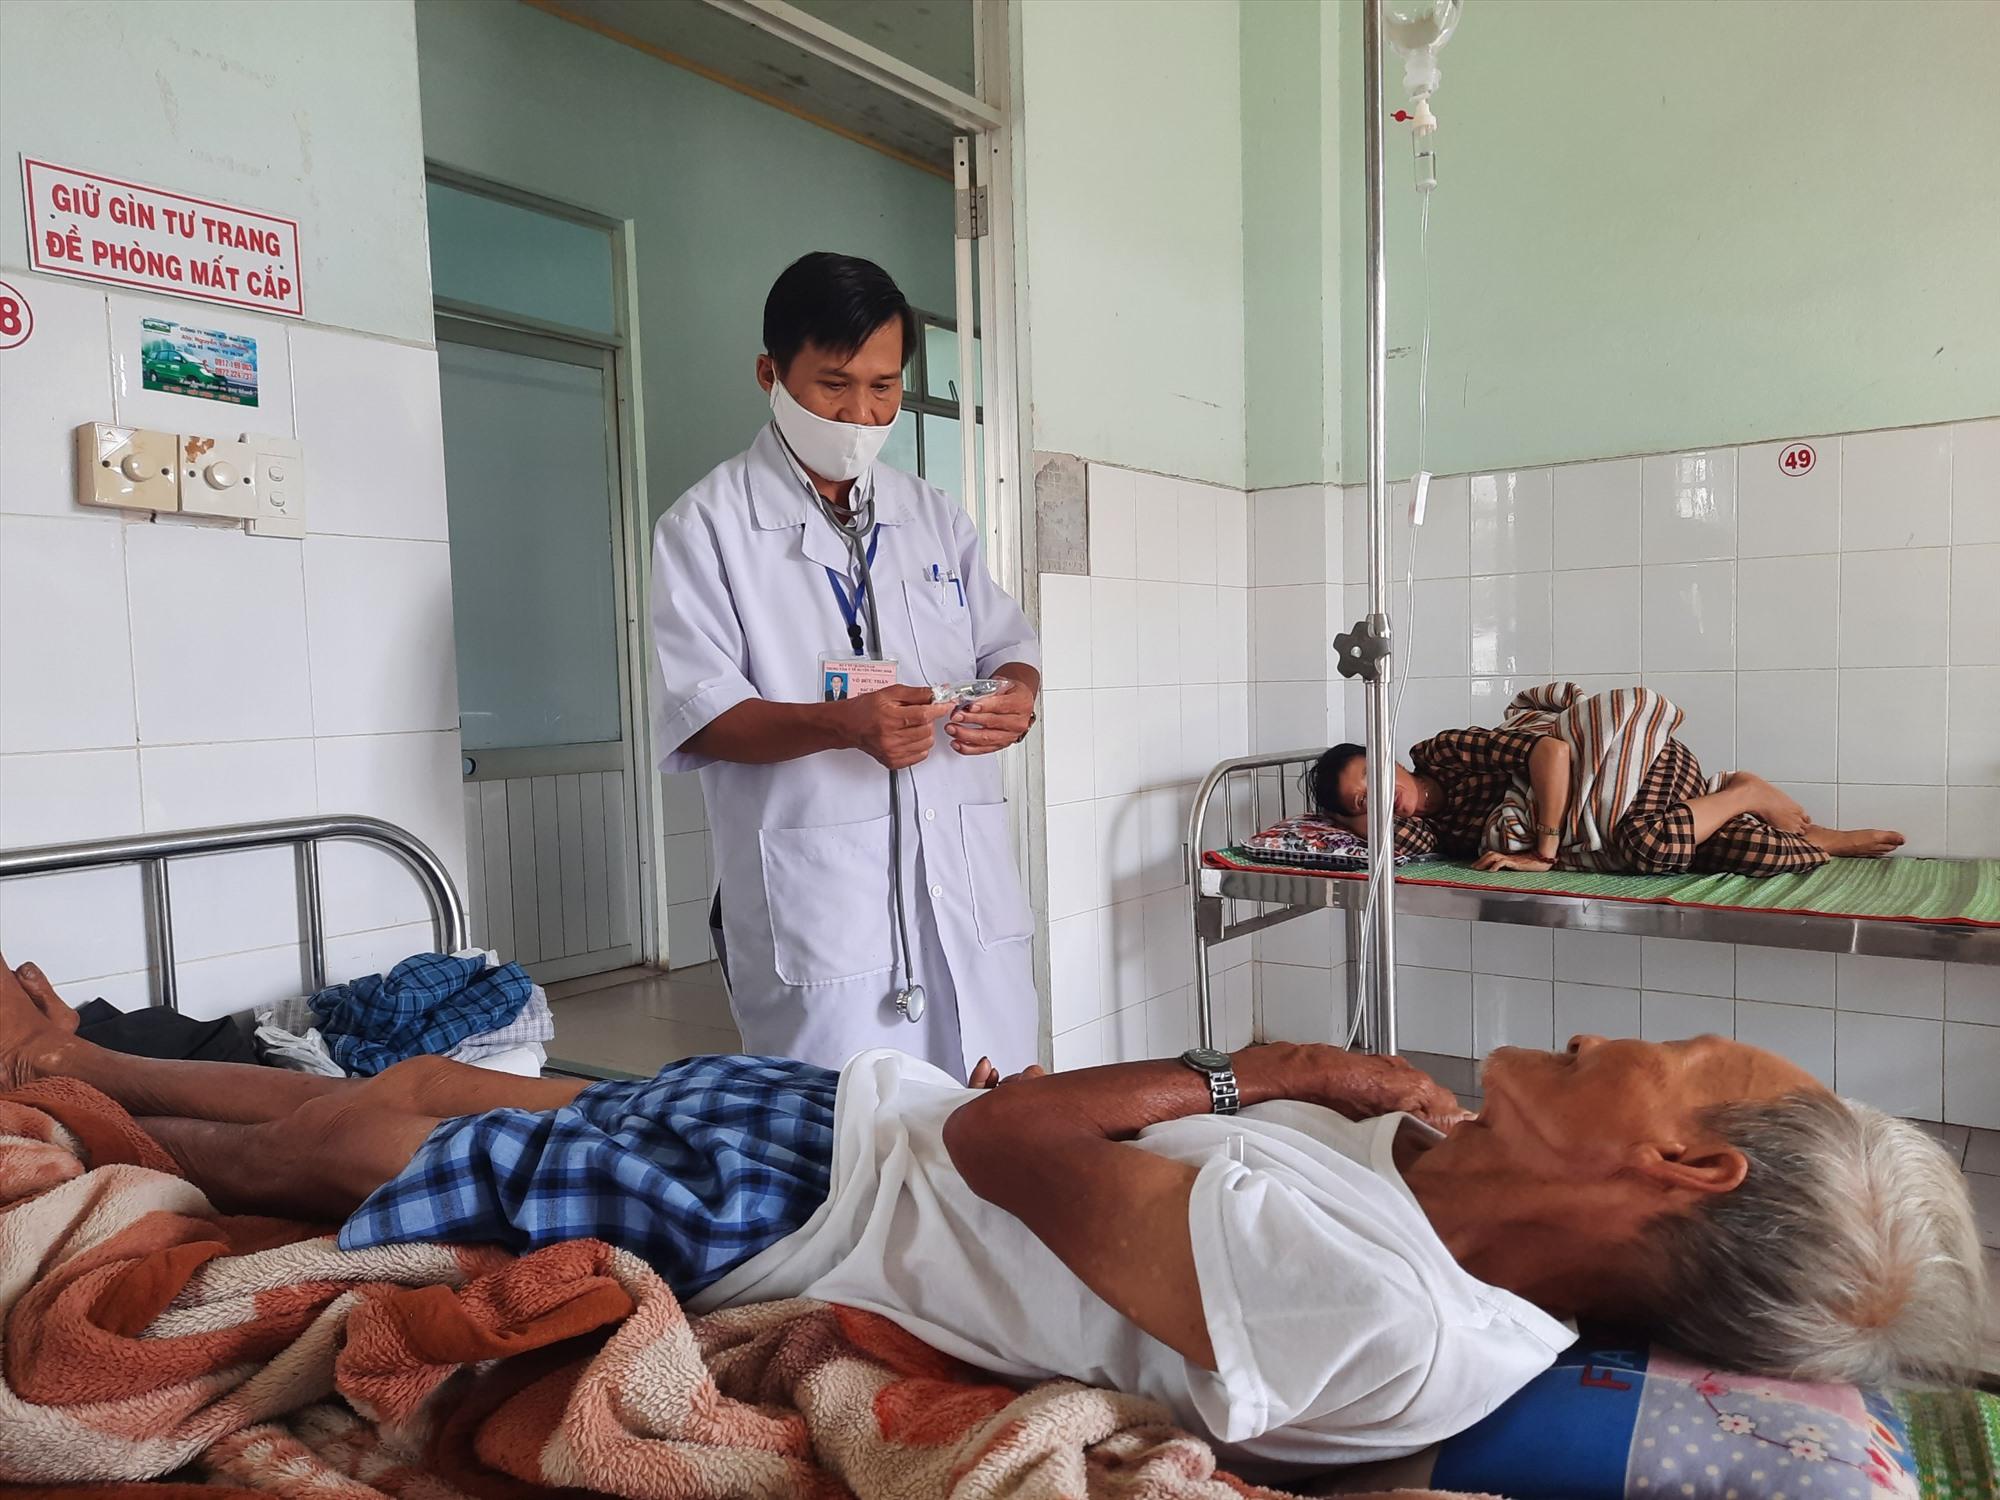 Nhờ nhập viện và điều trị kịp thời, sức khỏe ông Trương Văn Sanh đã chuyển biến tốt và có thể xuất viện. Ảnh: HỒ QUÂN